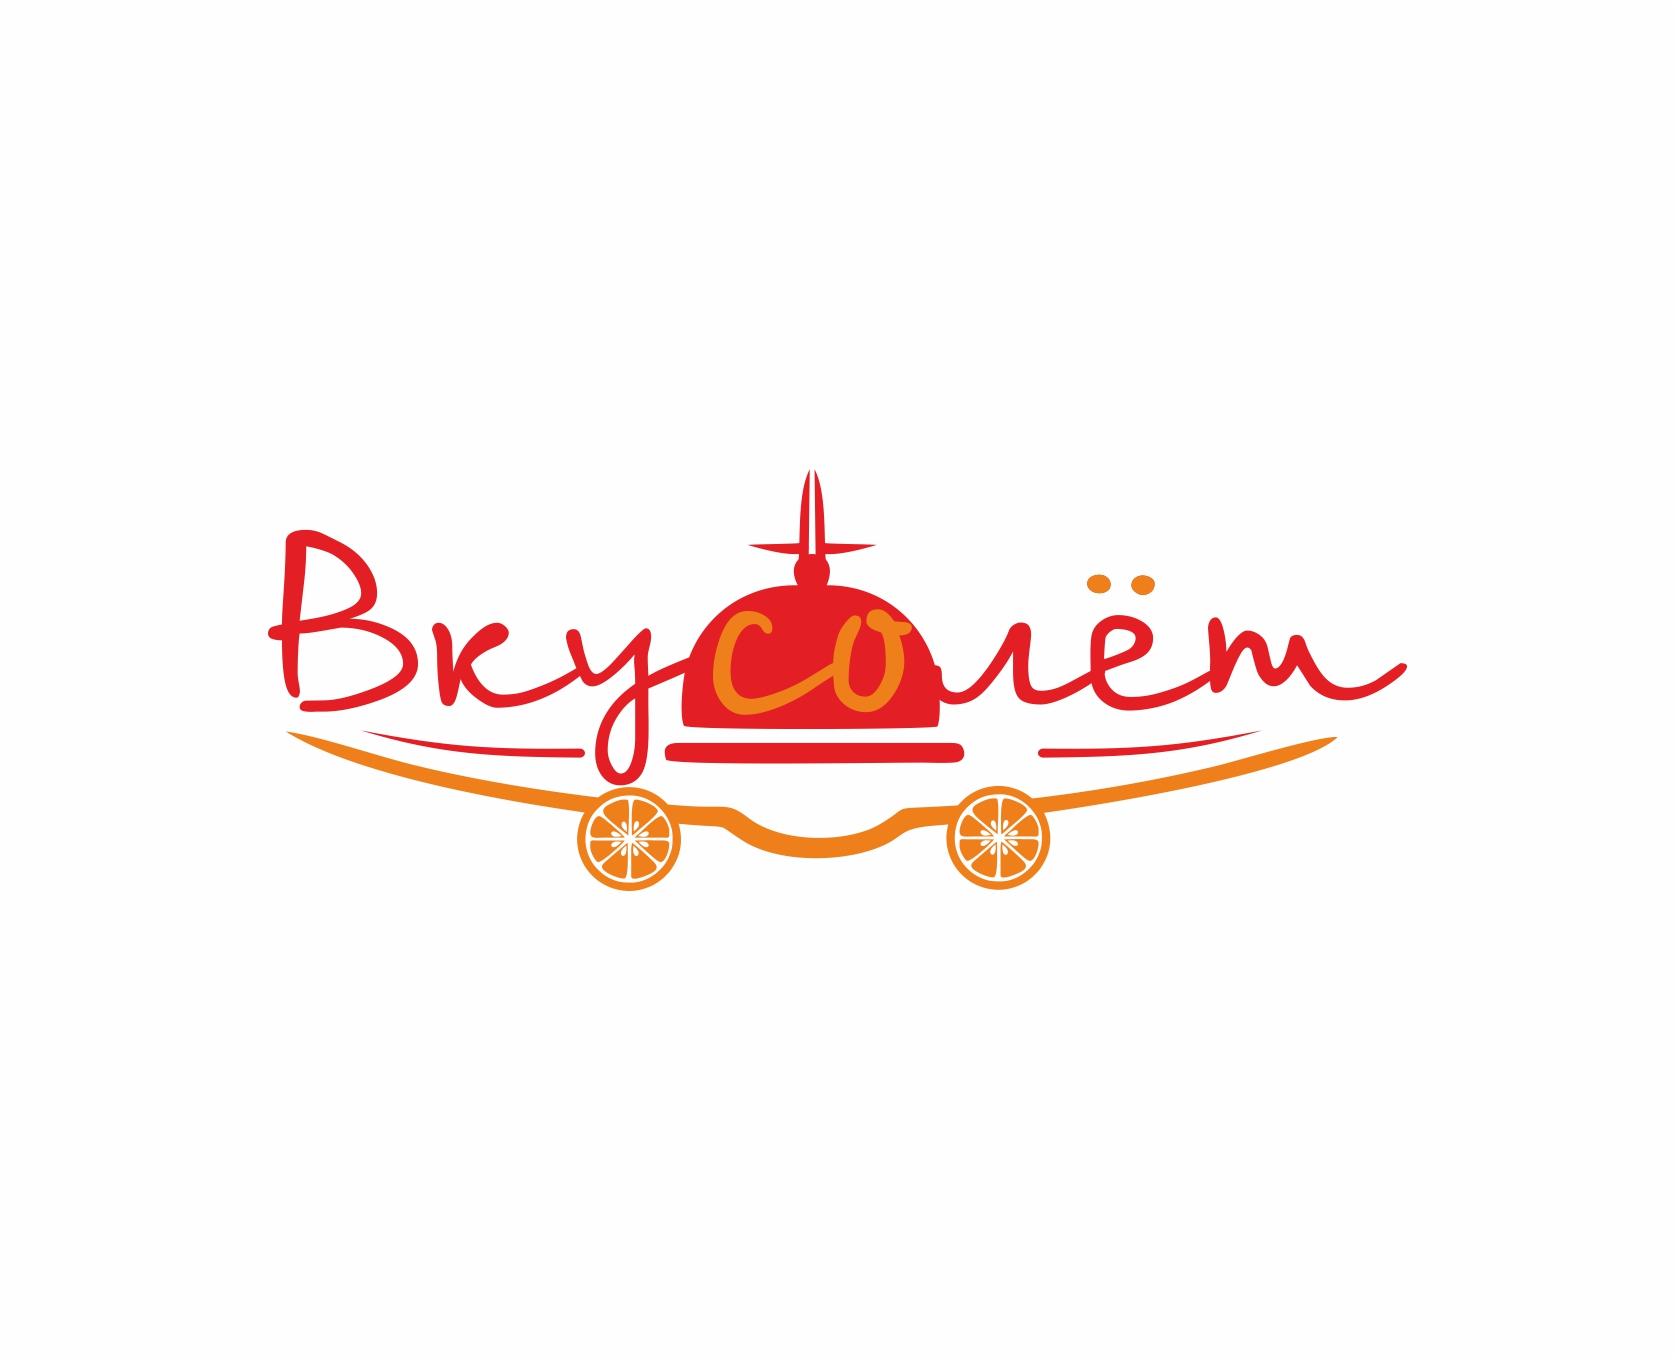 Логотип для доставки еды фото f_60259d45b940ca65.jpg